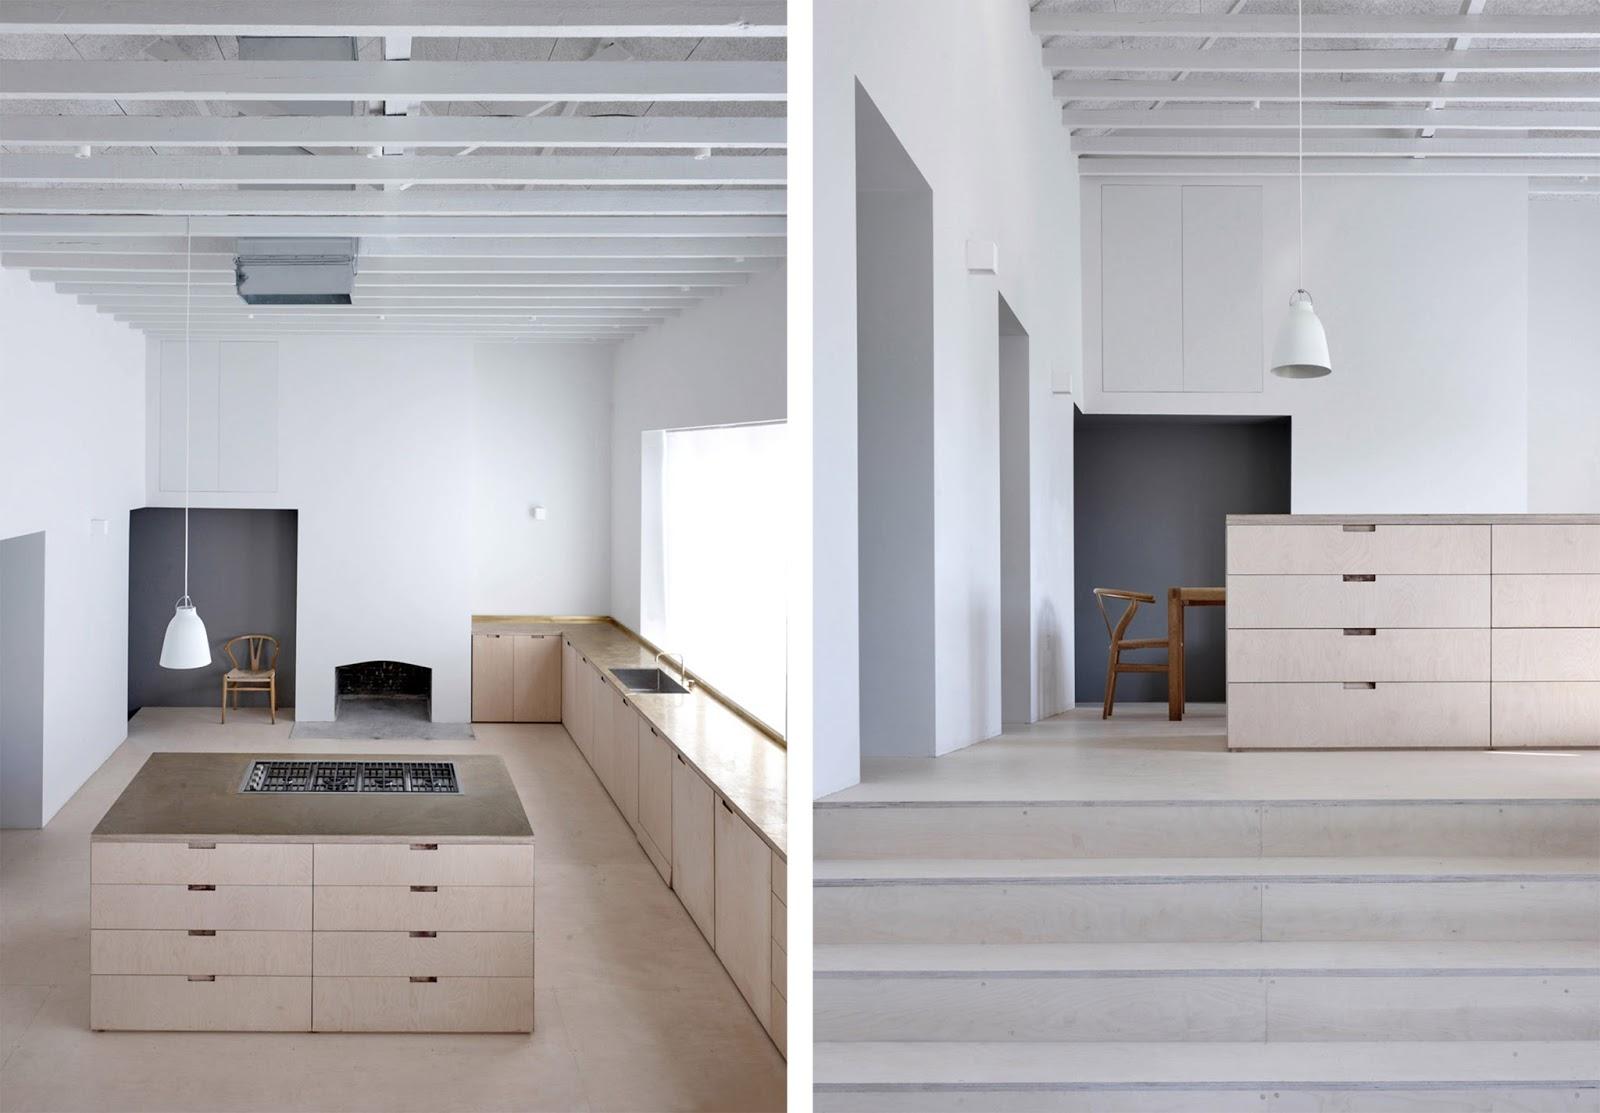 Loft con camera soppalco e cucina su misura by mclaren - Soppalco in camera ...